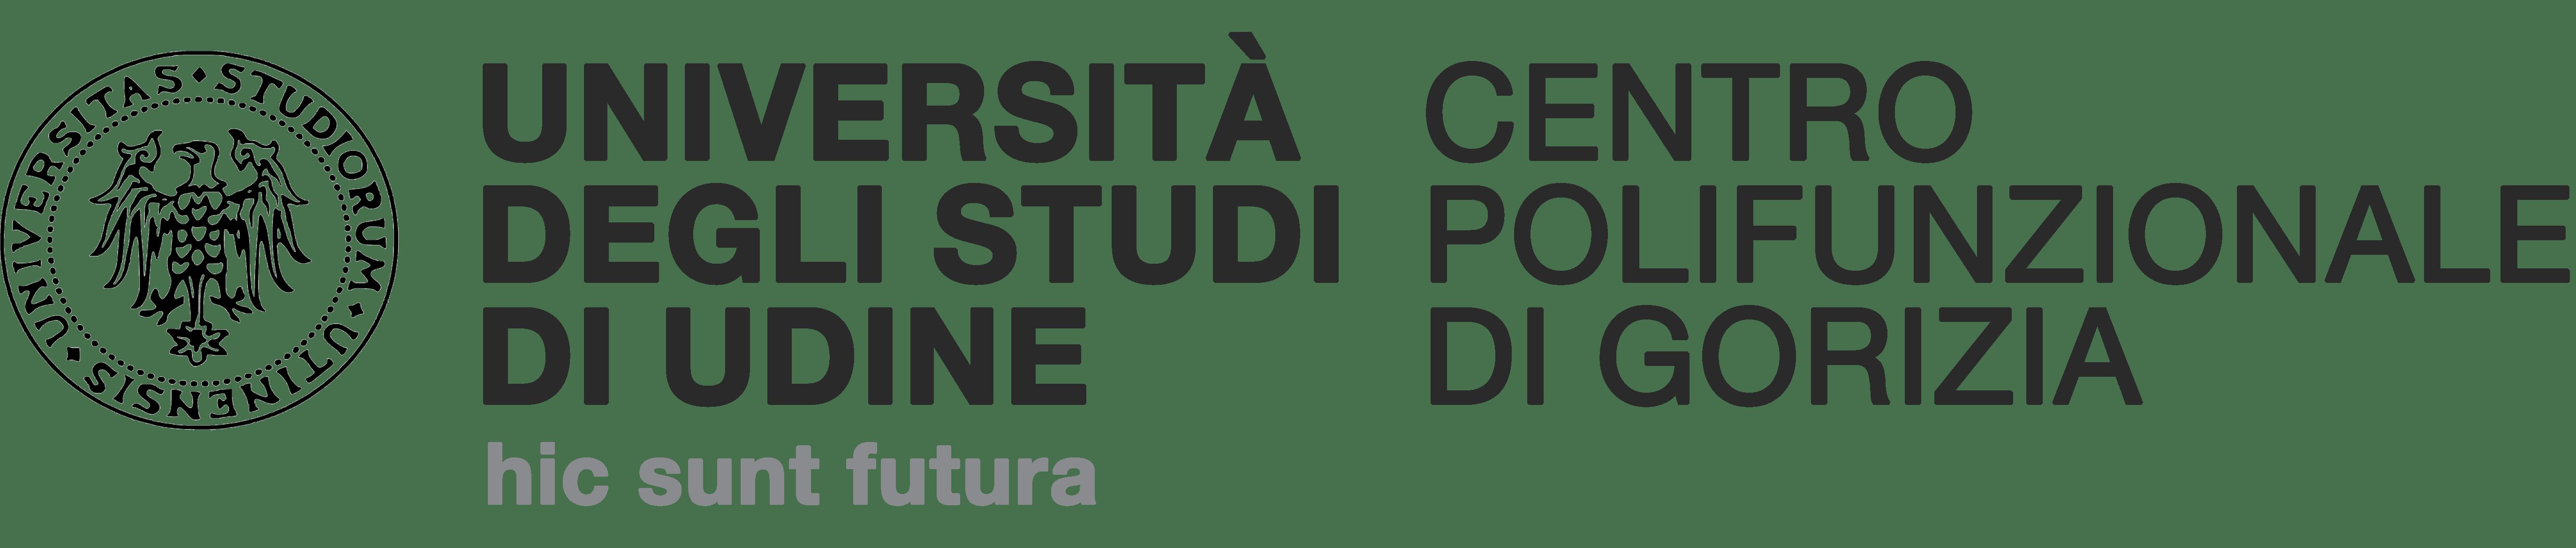 CeGo - Centro Polifunzionale di Gorizia